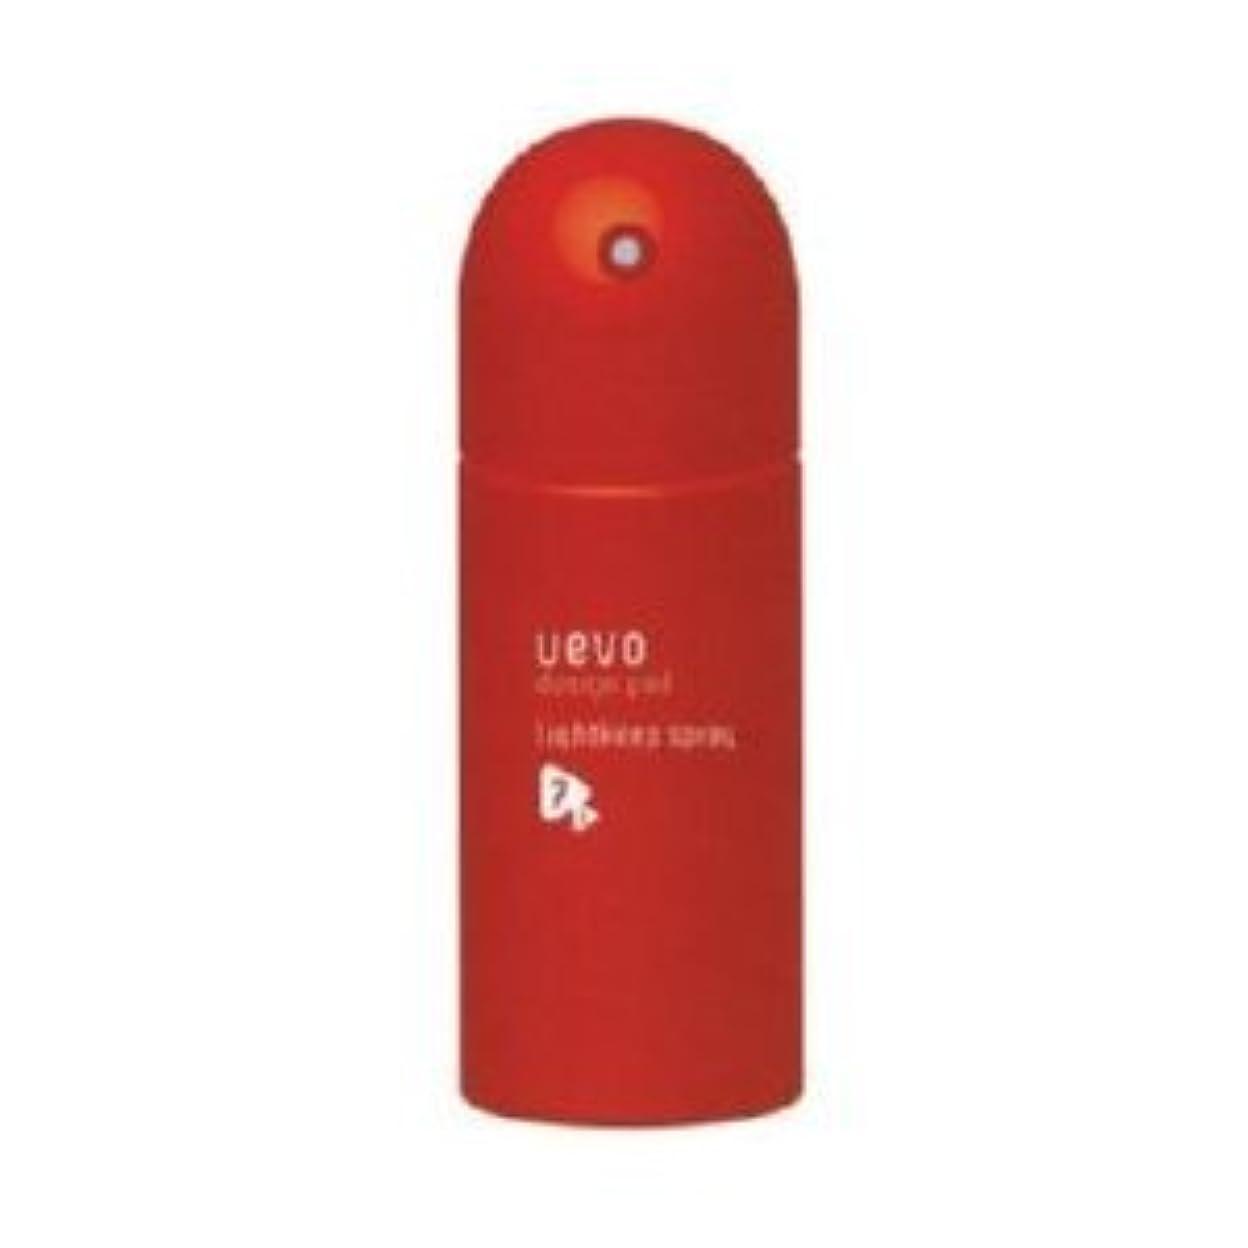 落胆したすごいオプション【X5個セット】 デミ ウェーボ デザインポッド ライトキープスプレー 220ml lightkeep spray DEMI uevo design pod